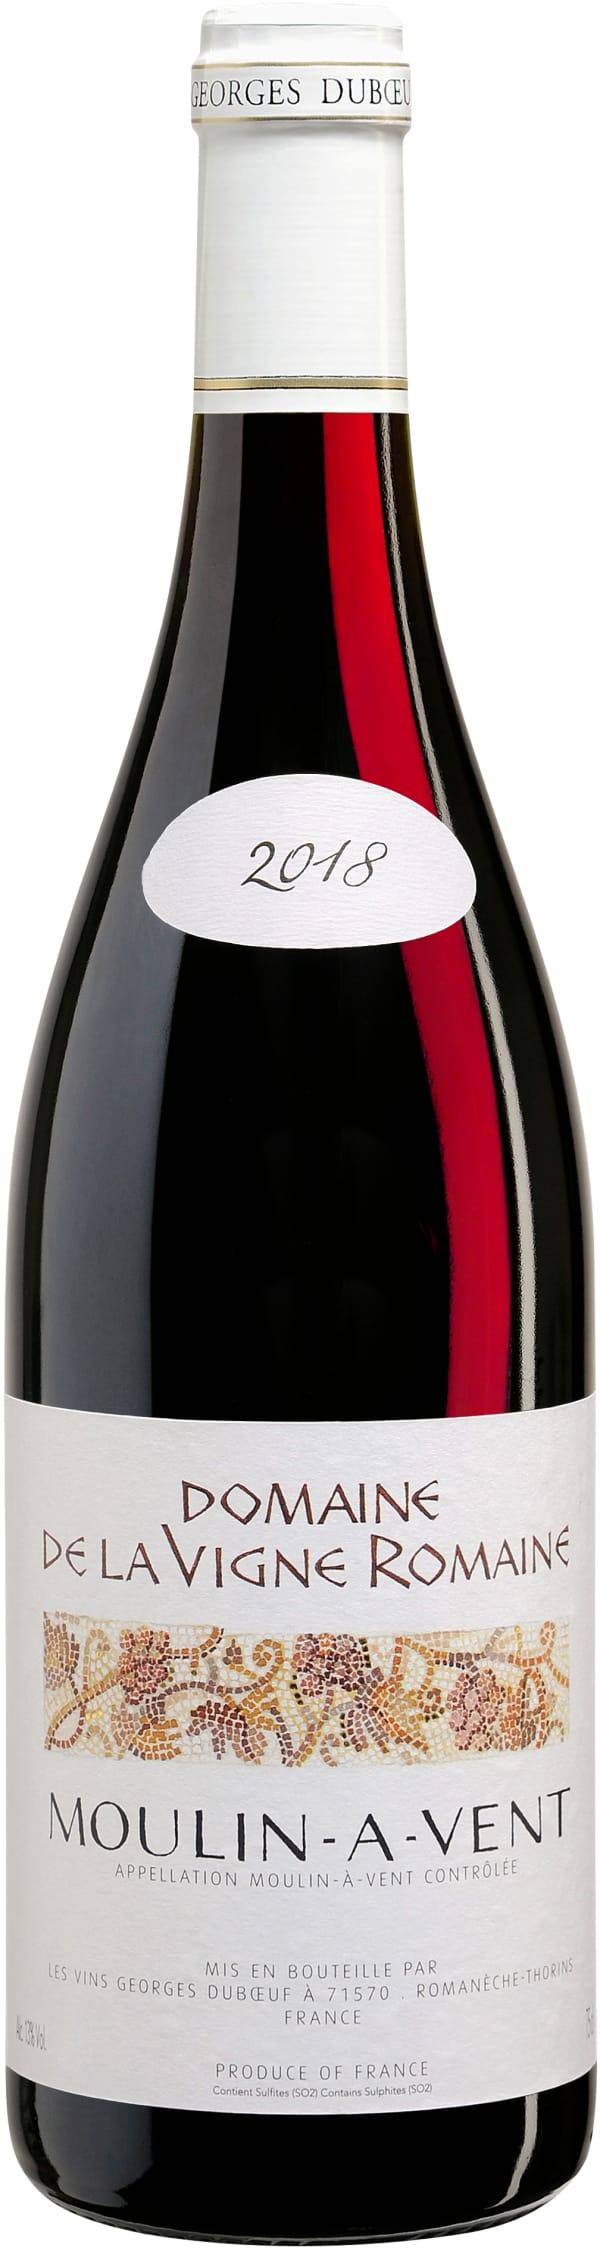 Domaine de la Vigne Romaine Moulin-à-Vent 2018